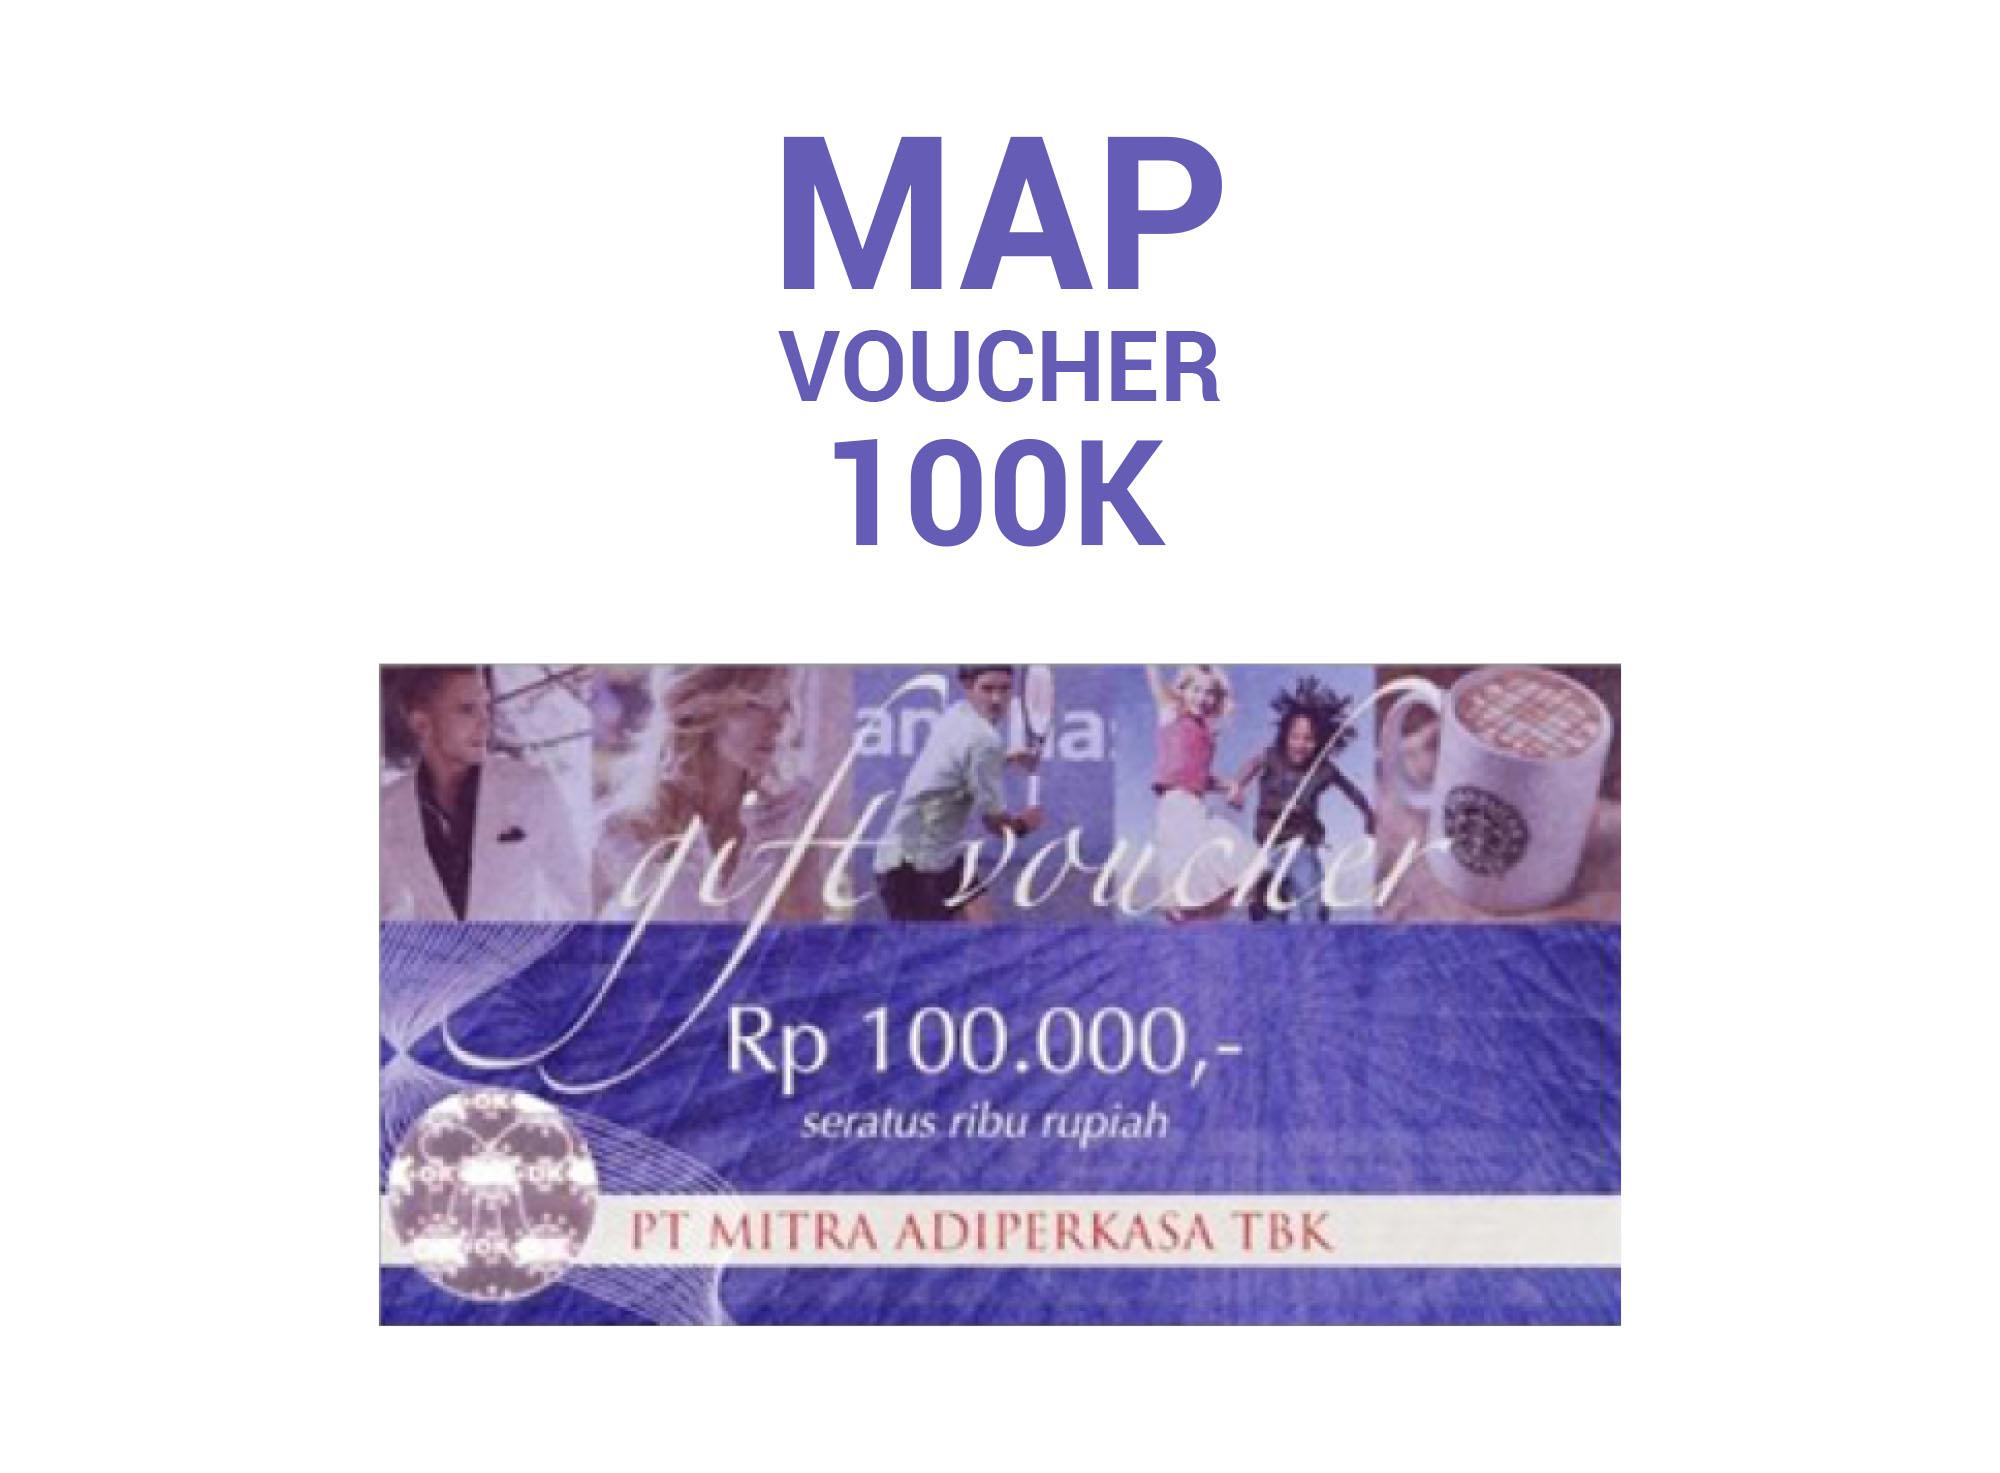 Jual Voucher Map Nominal Rp 100000 Paket 10 Buku 100 Lembar Isi 10lembar Jefhan8 Tokopedia